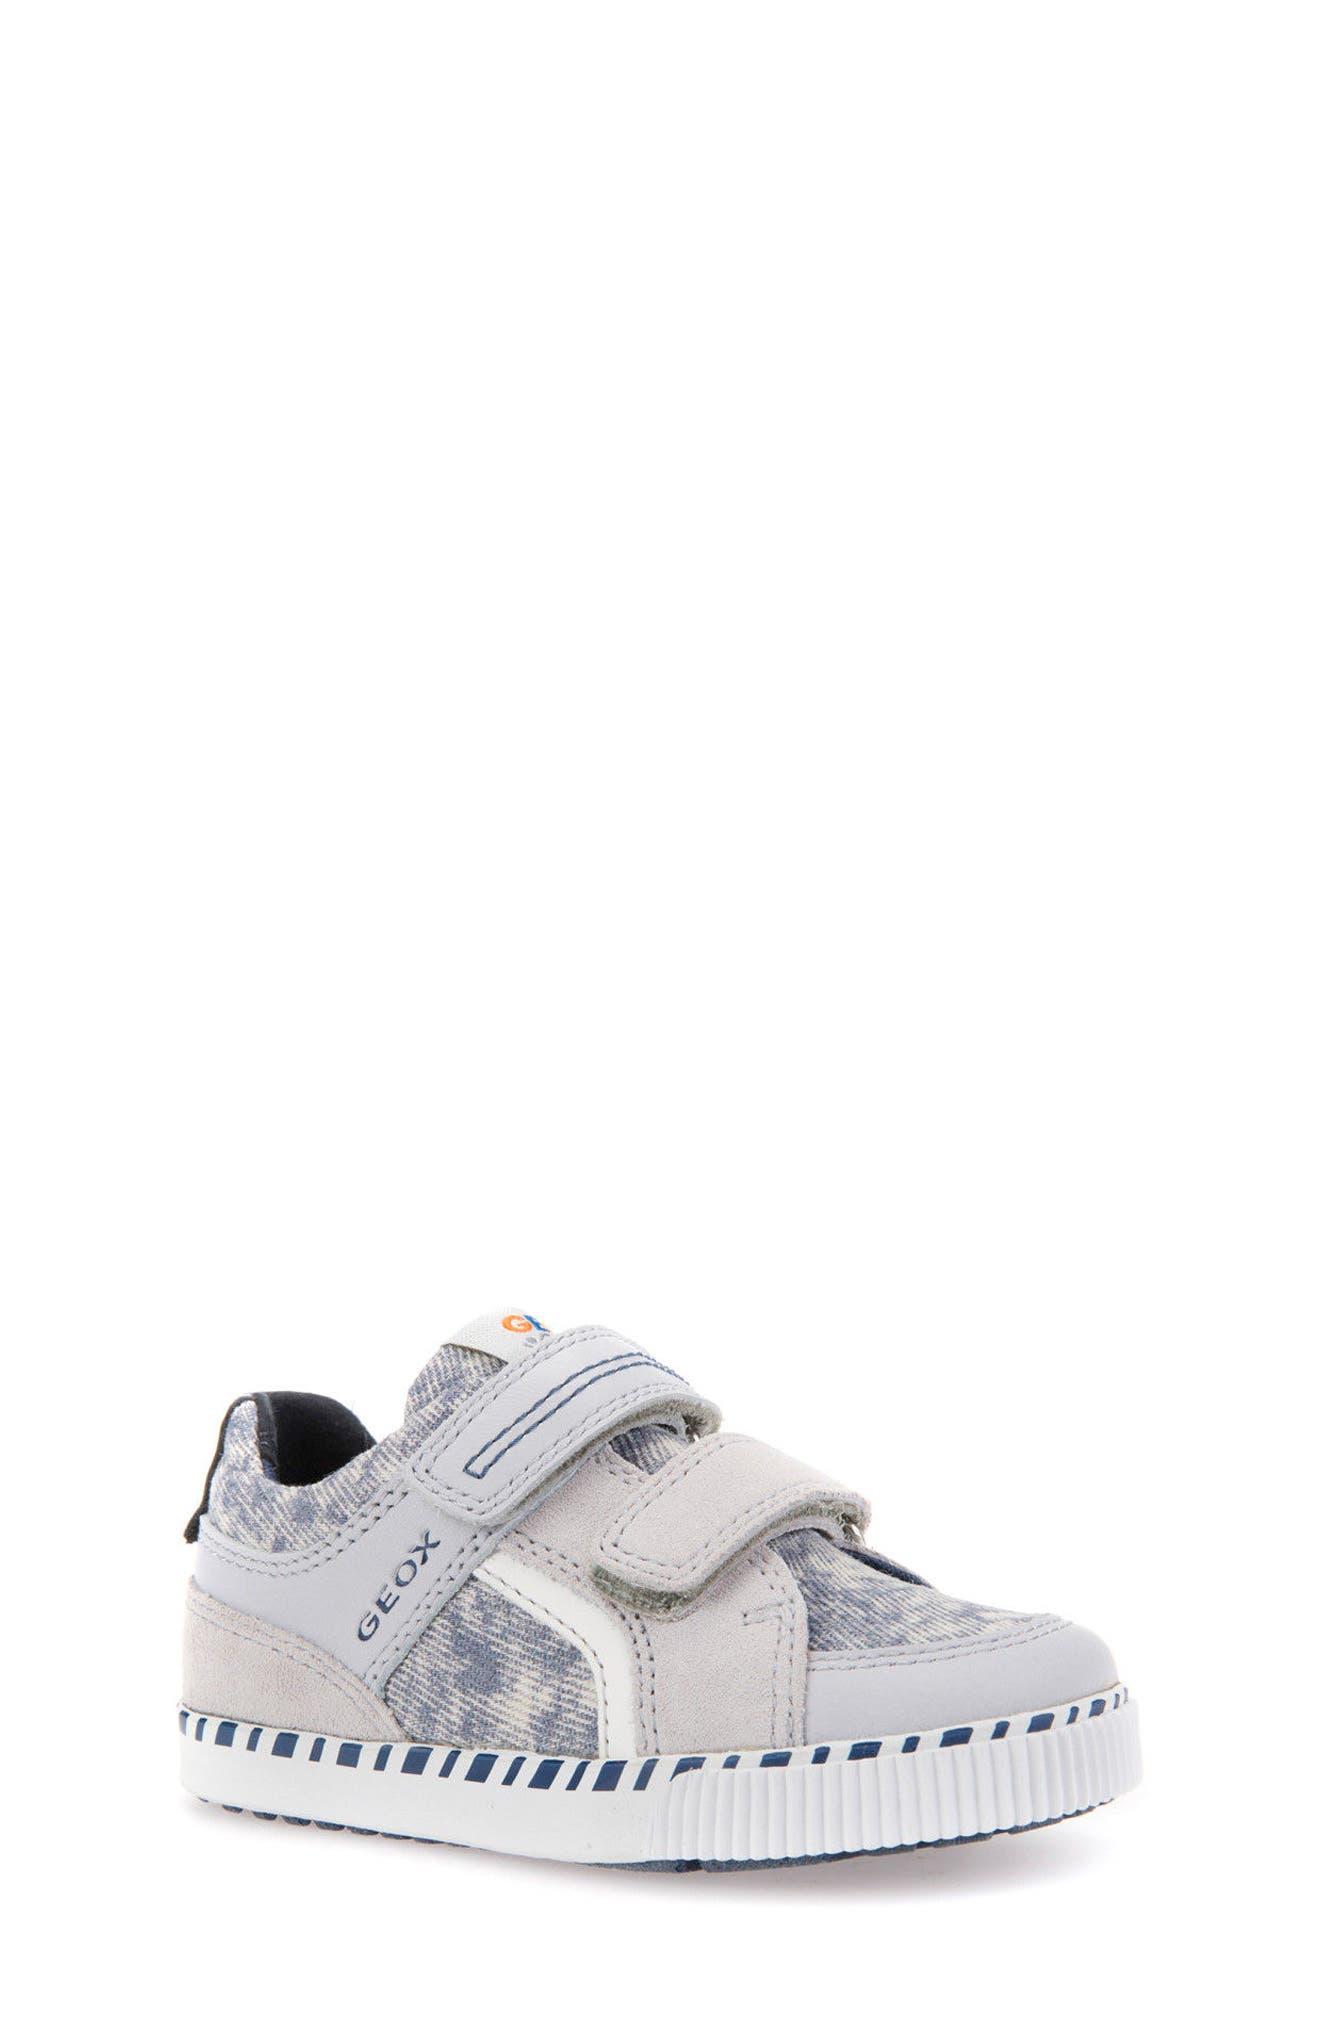 Kilwi Knit Sneaker,                             Main thumbnail 1, color,                             LIGHT GREY/ WHITE